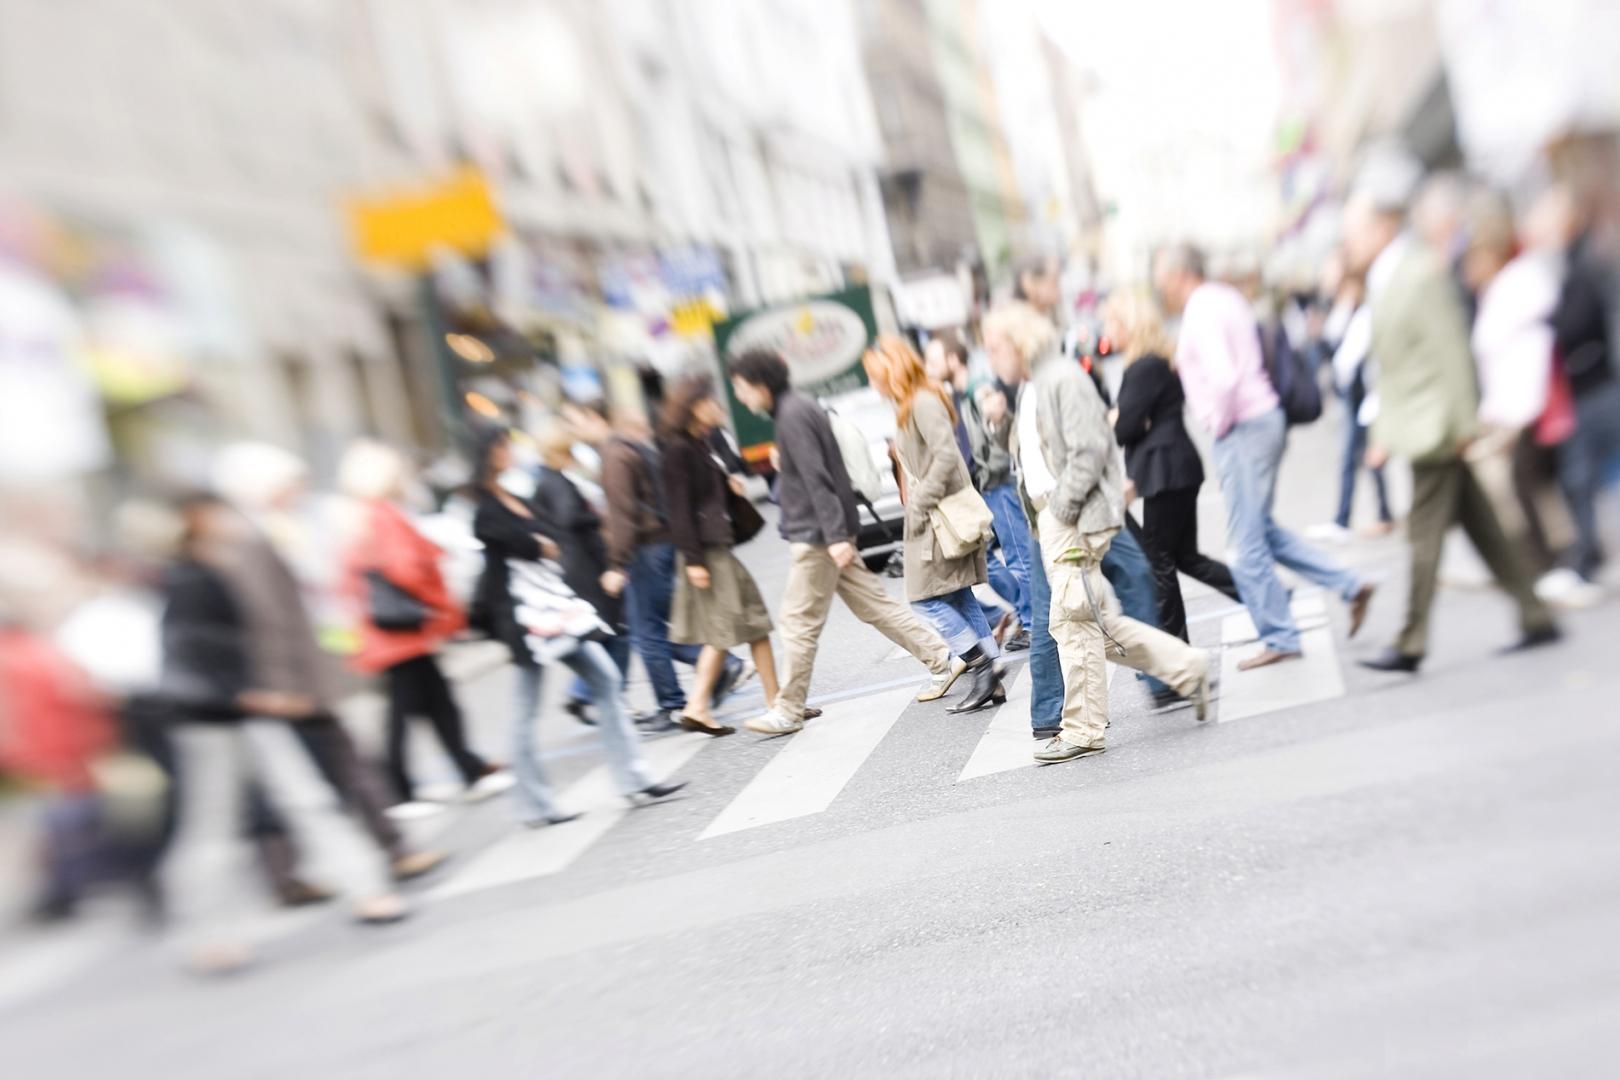 people walking across a cross walk on a busy street